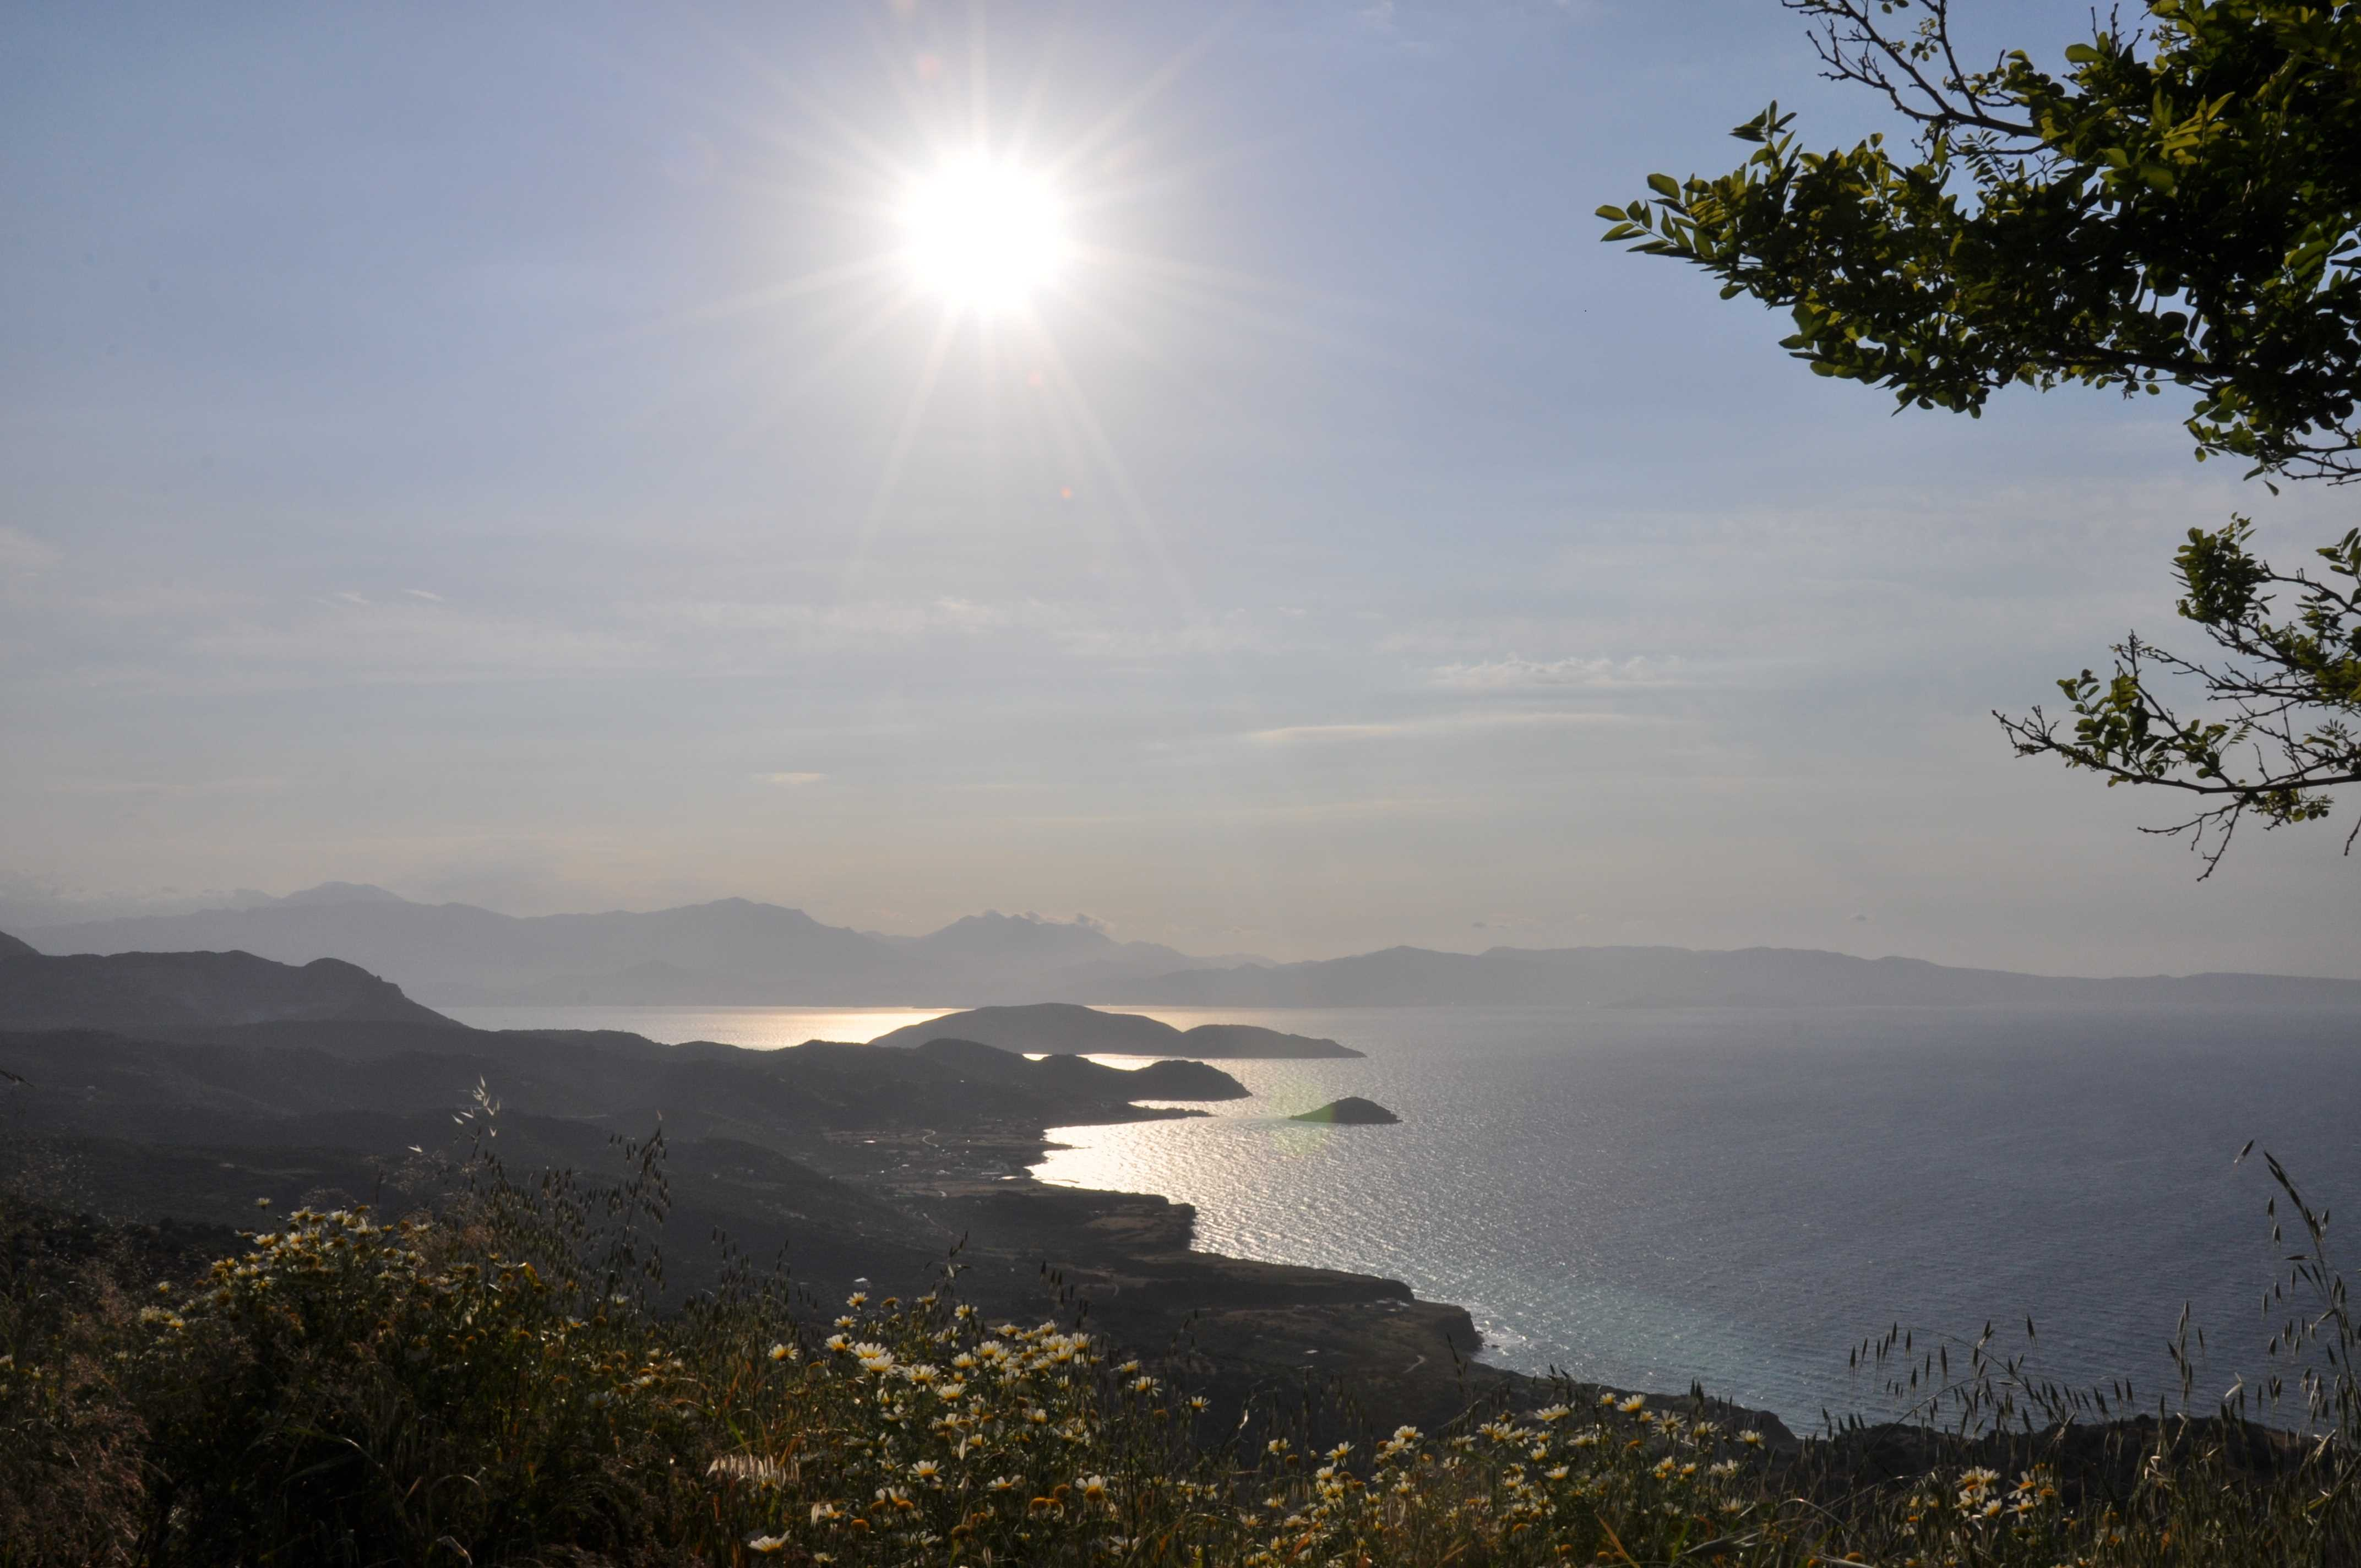 Offroad auf Kreta unterwegs   Land Rover Adventure Tour Greece 2015 sonne land und leute griechenland europa  tui berlin kreta panorama